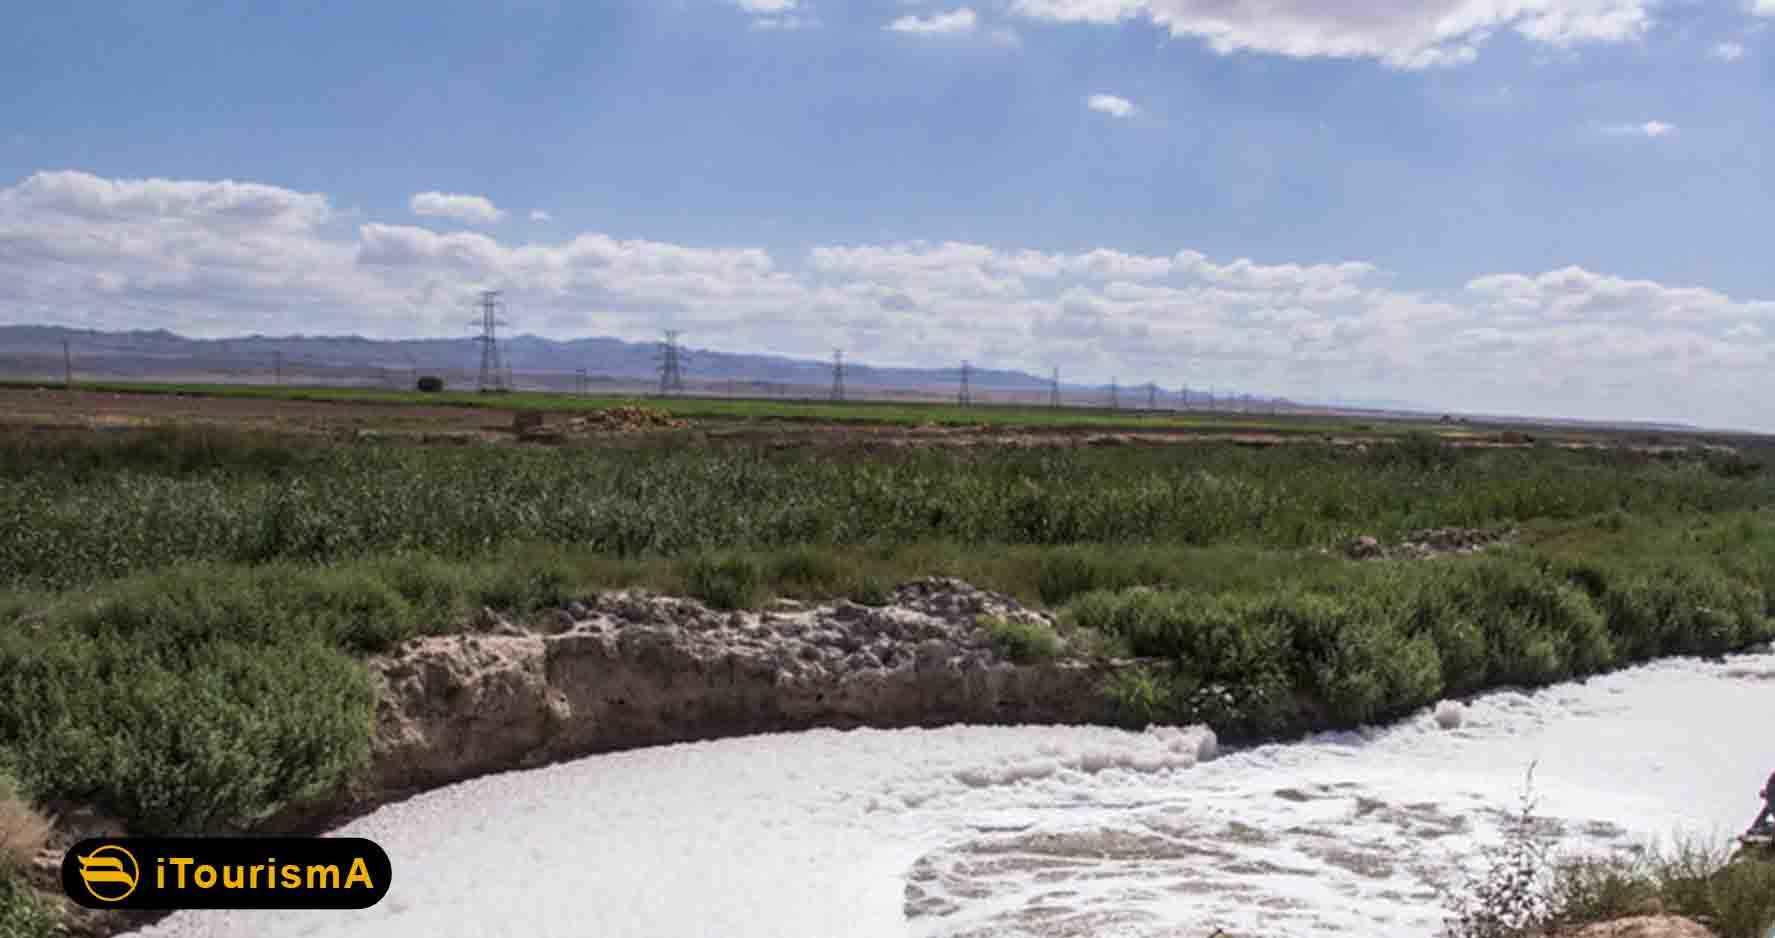 رودخانه کشف رود در دره ای به همین نام جاری می شود و یکی از منابع مهم آب به شمار می رود